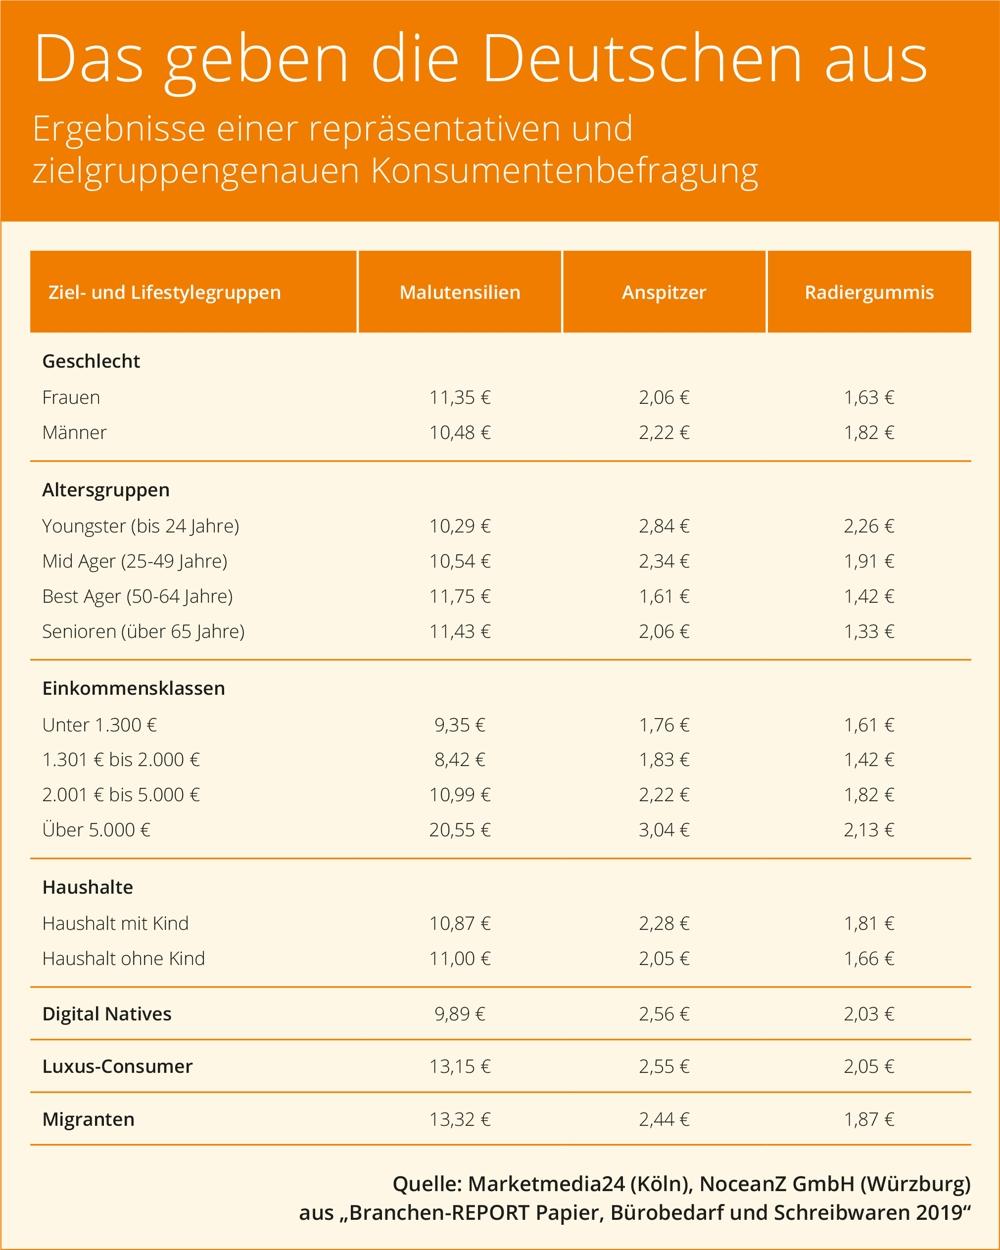 Der Branchen-REPORT liefert viele Fakten und Zahlen zum Kaufverhalten der Deutschen bei Bürobedarf. Abbildung: Marketmedia24/NoceanZ GmbH